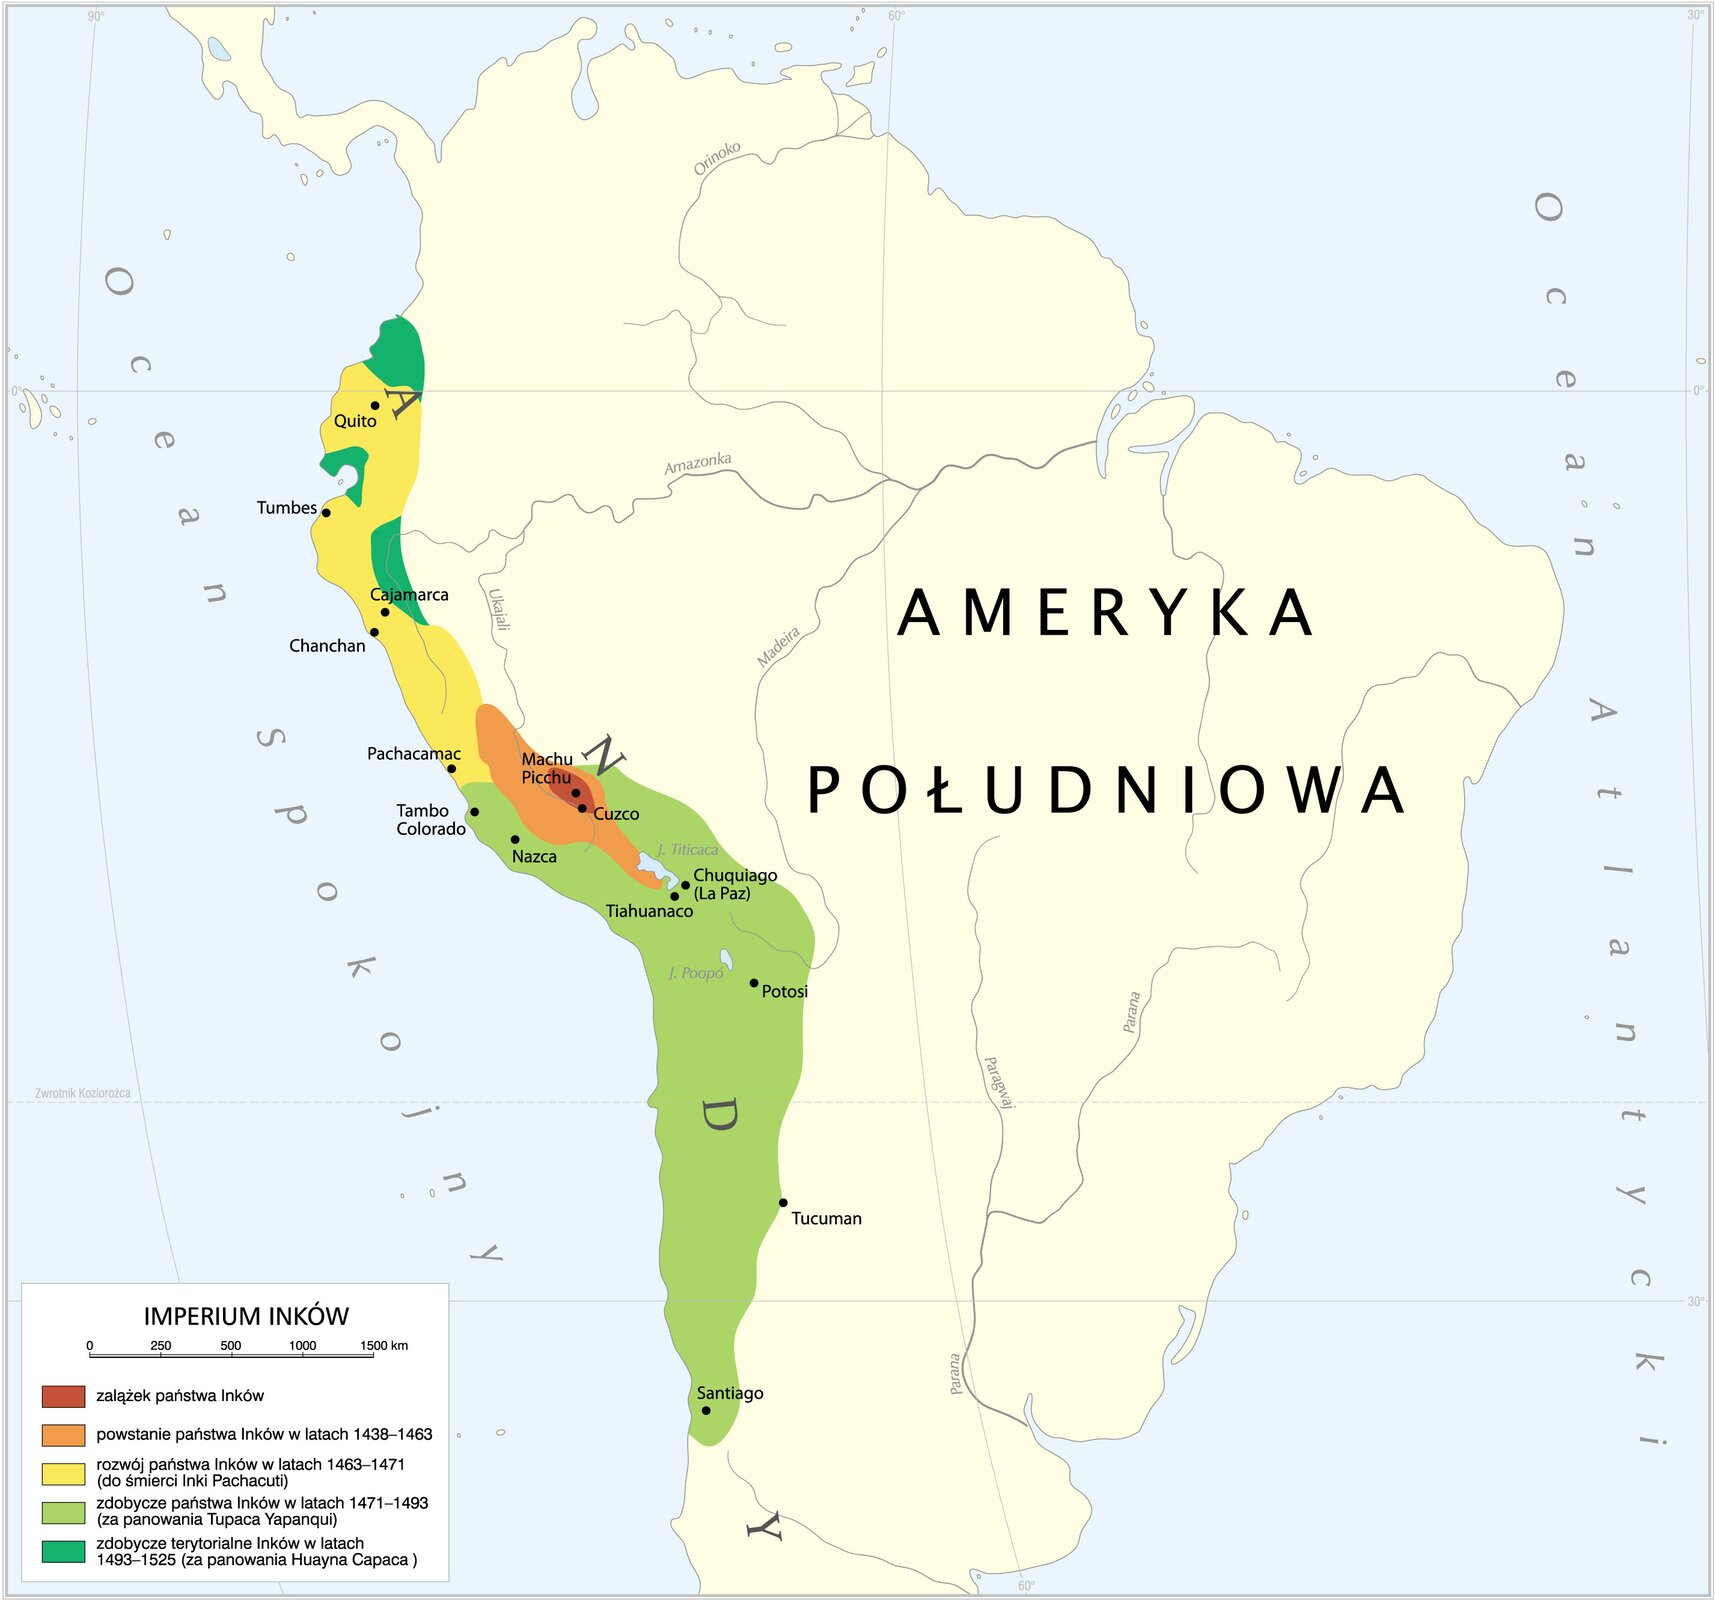 Mapa imperium Inków zpodziałem na lata podbojów poszczególnych terenów Mapa imperium Inków zpodziałem na lata podbojów poszczególnych terenów Źródło: Krystian Chariza izespół, licencja: CC BY 4.0.